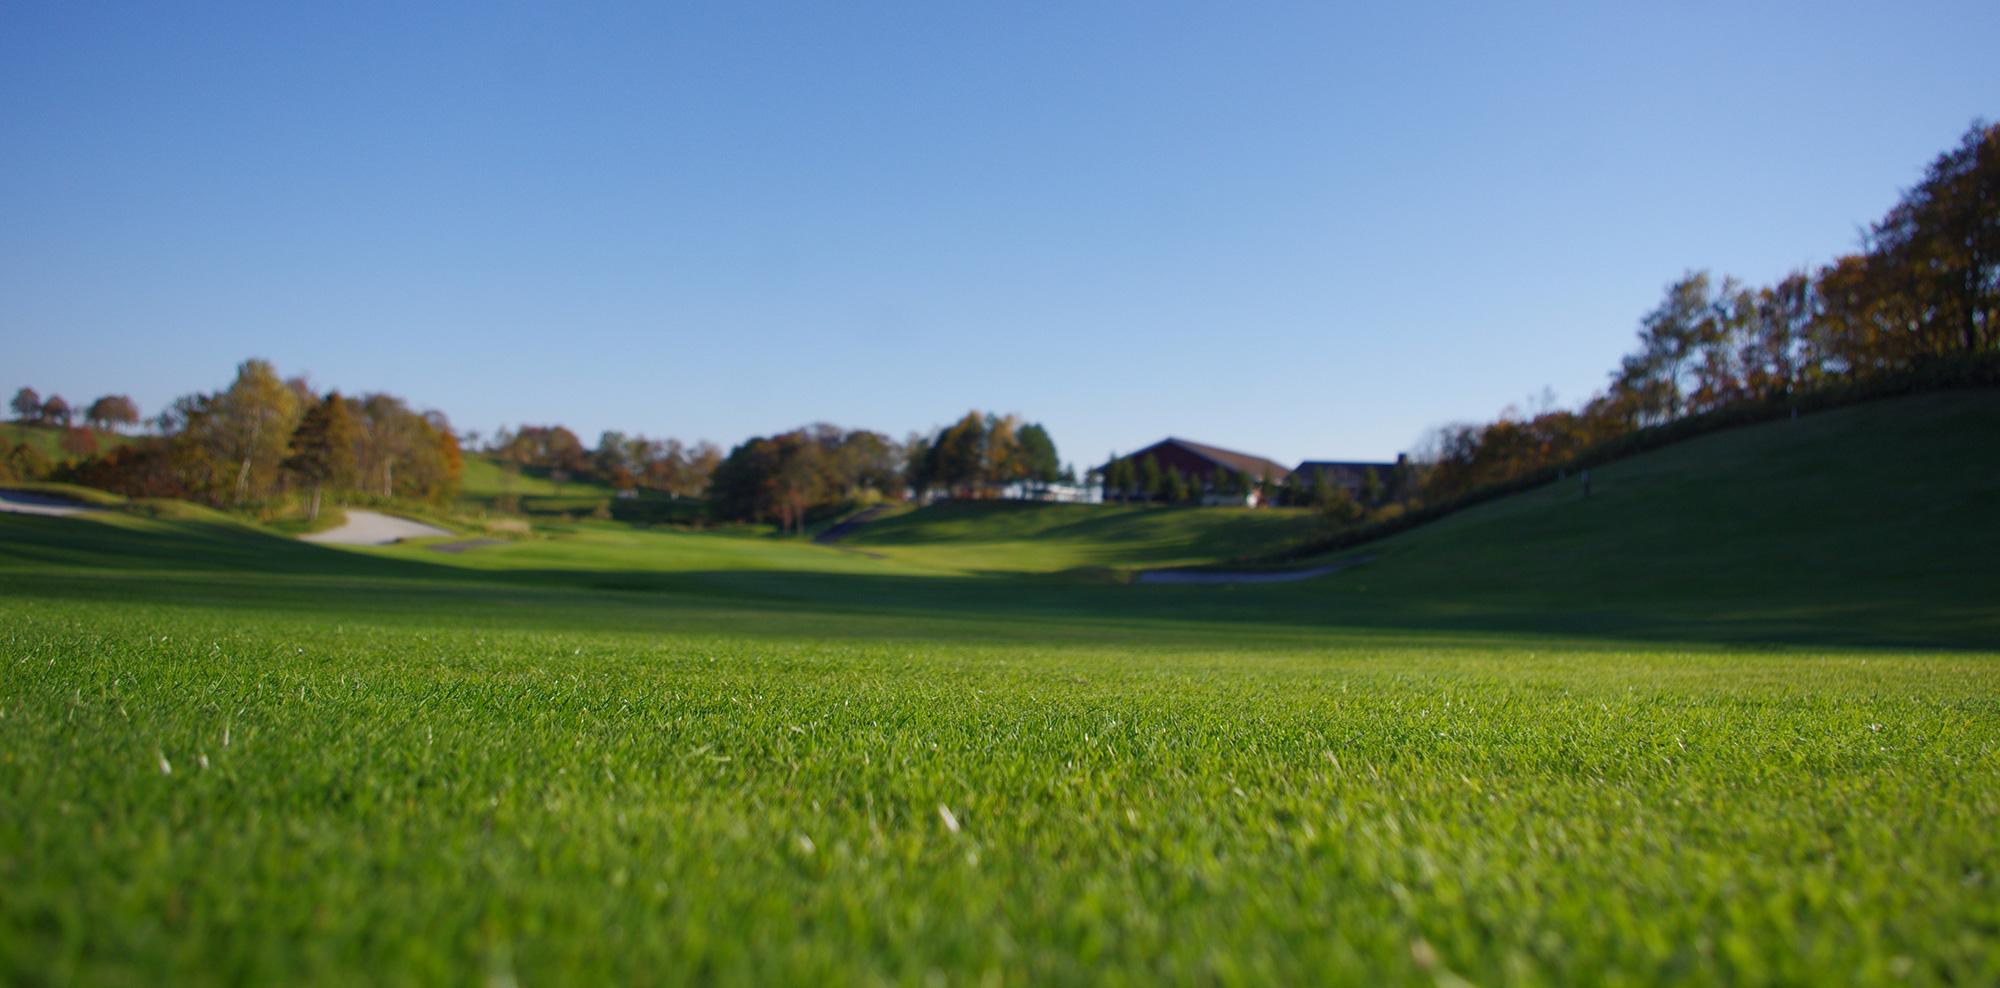 スウェーデンヒルズゴルフ倶楽部イメージ5